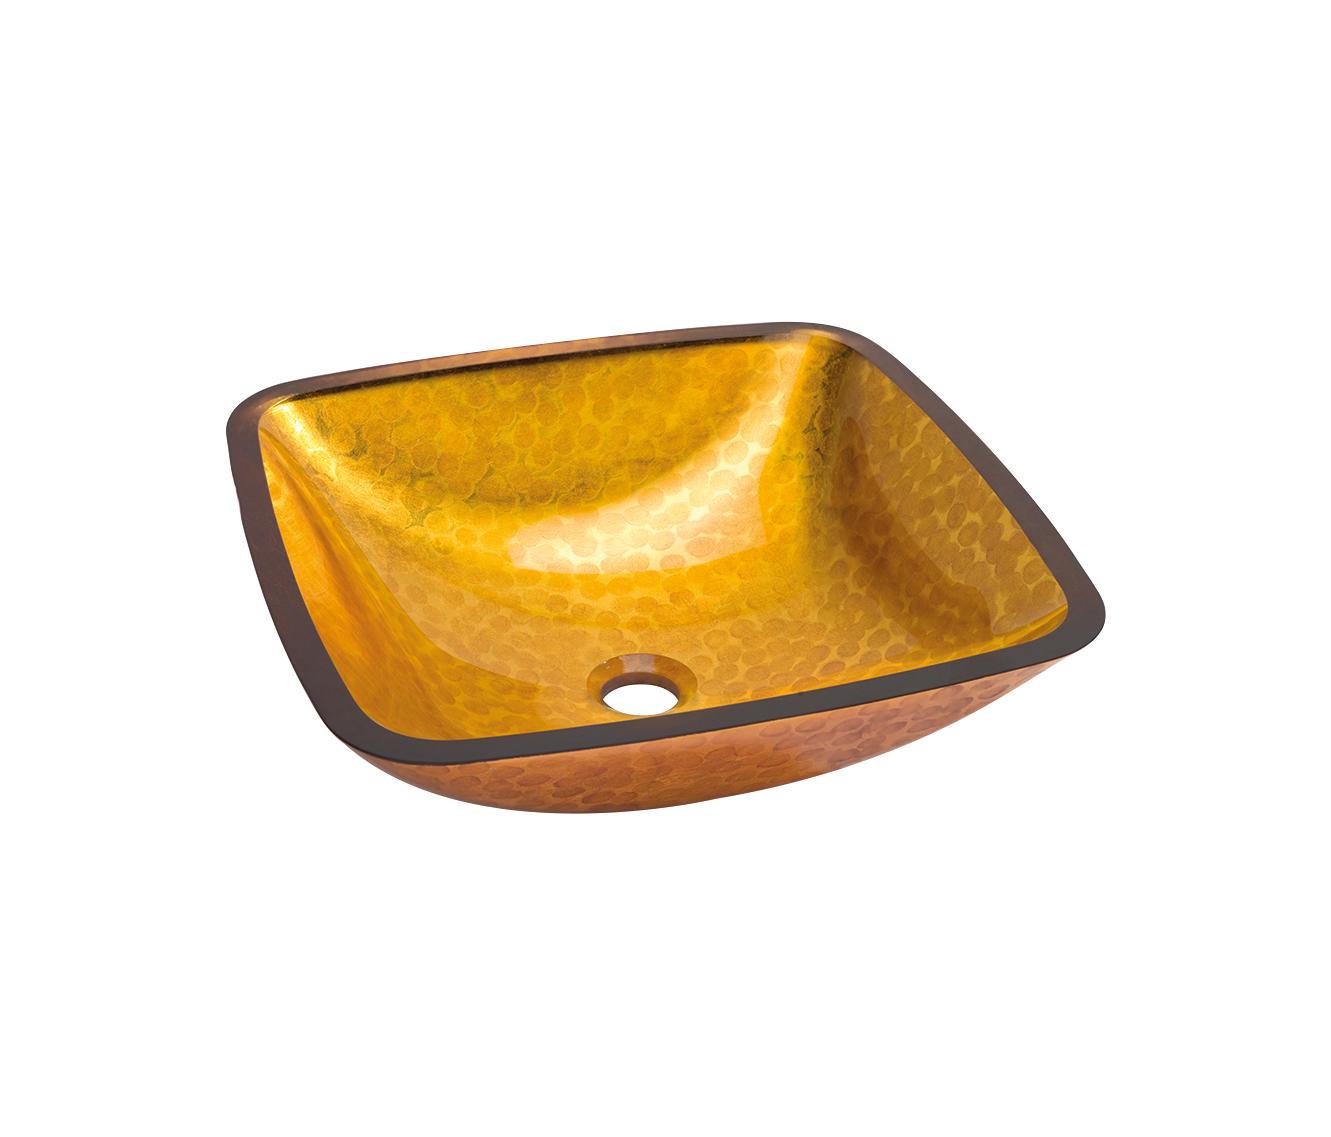 Lavabo cuadrado dorado anaranjado lavabos de dune for Lavabo cuadrado